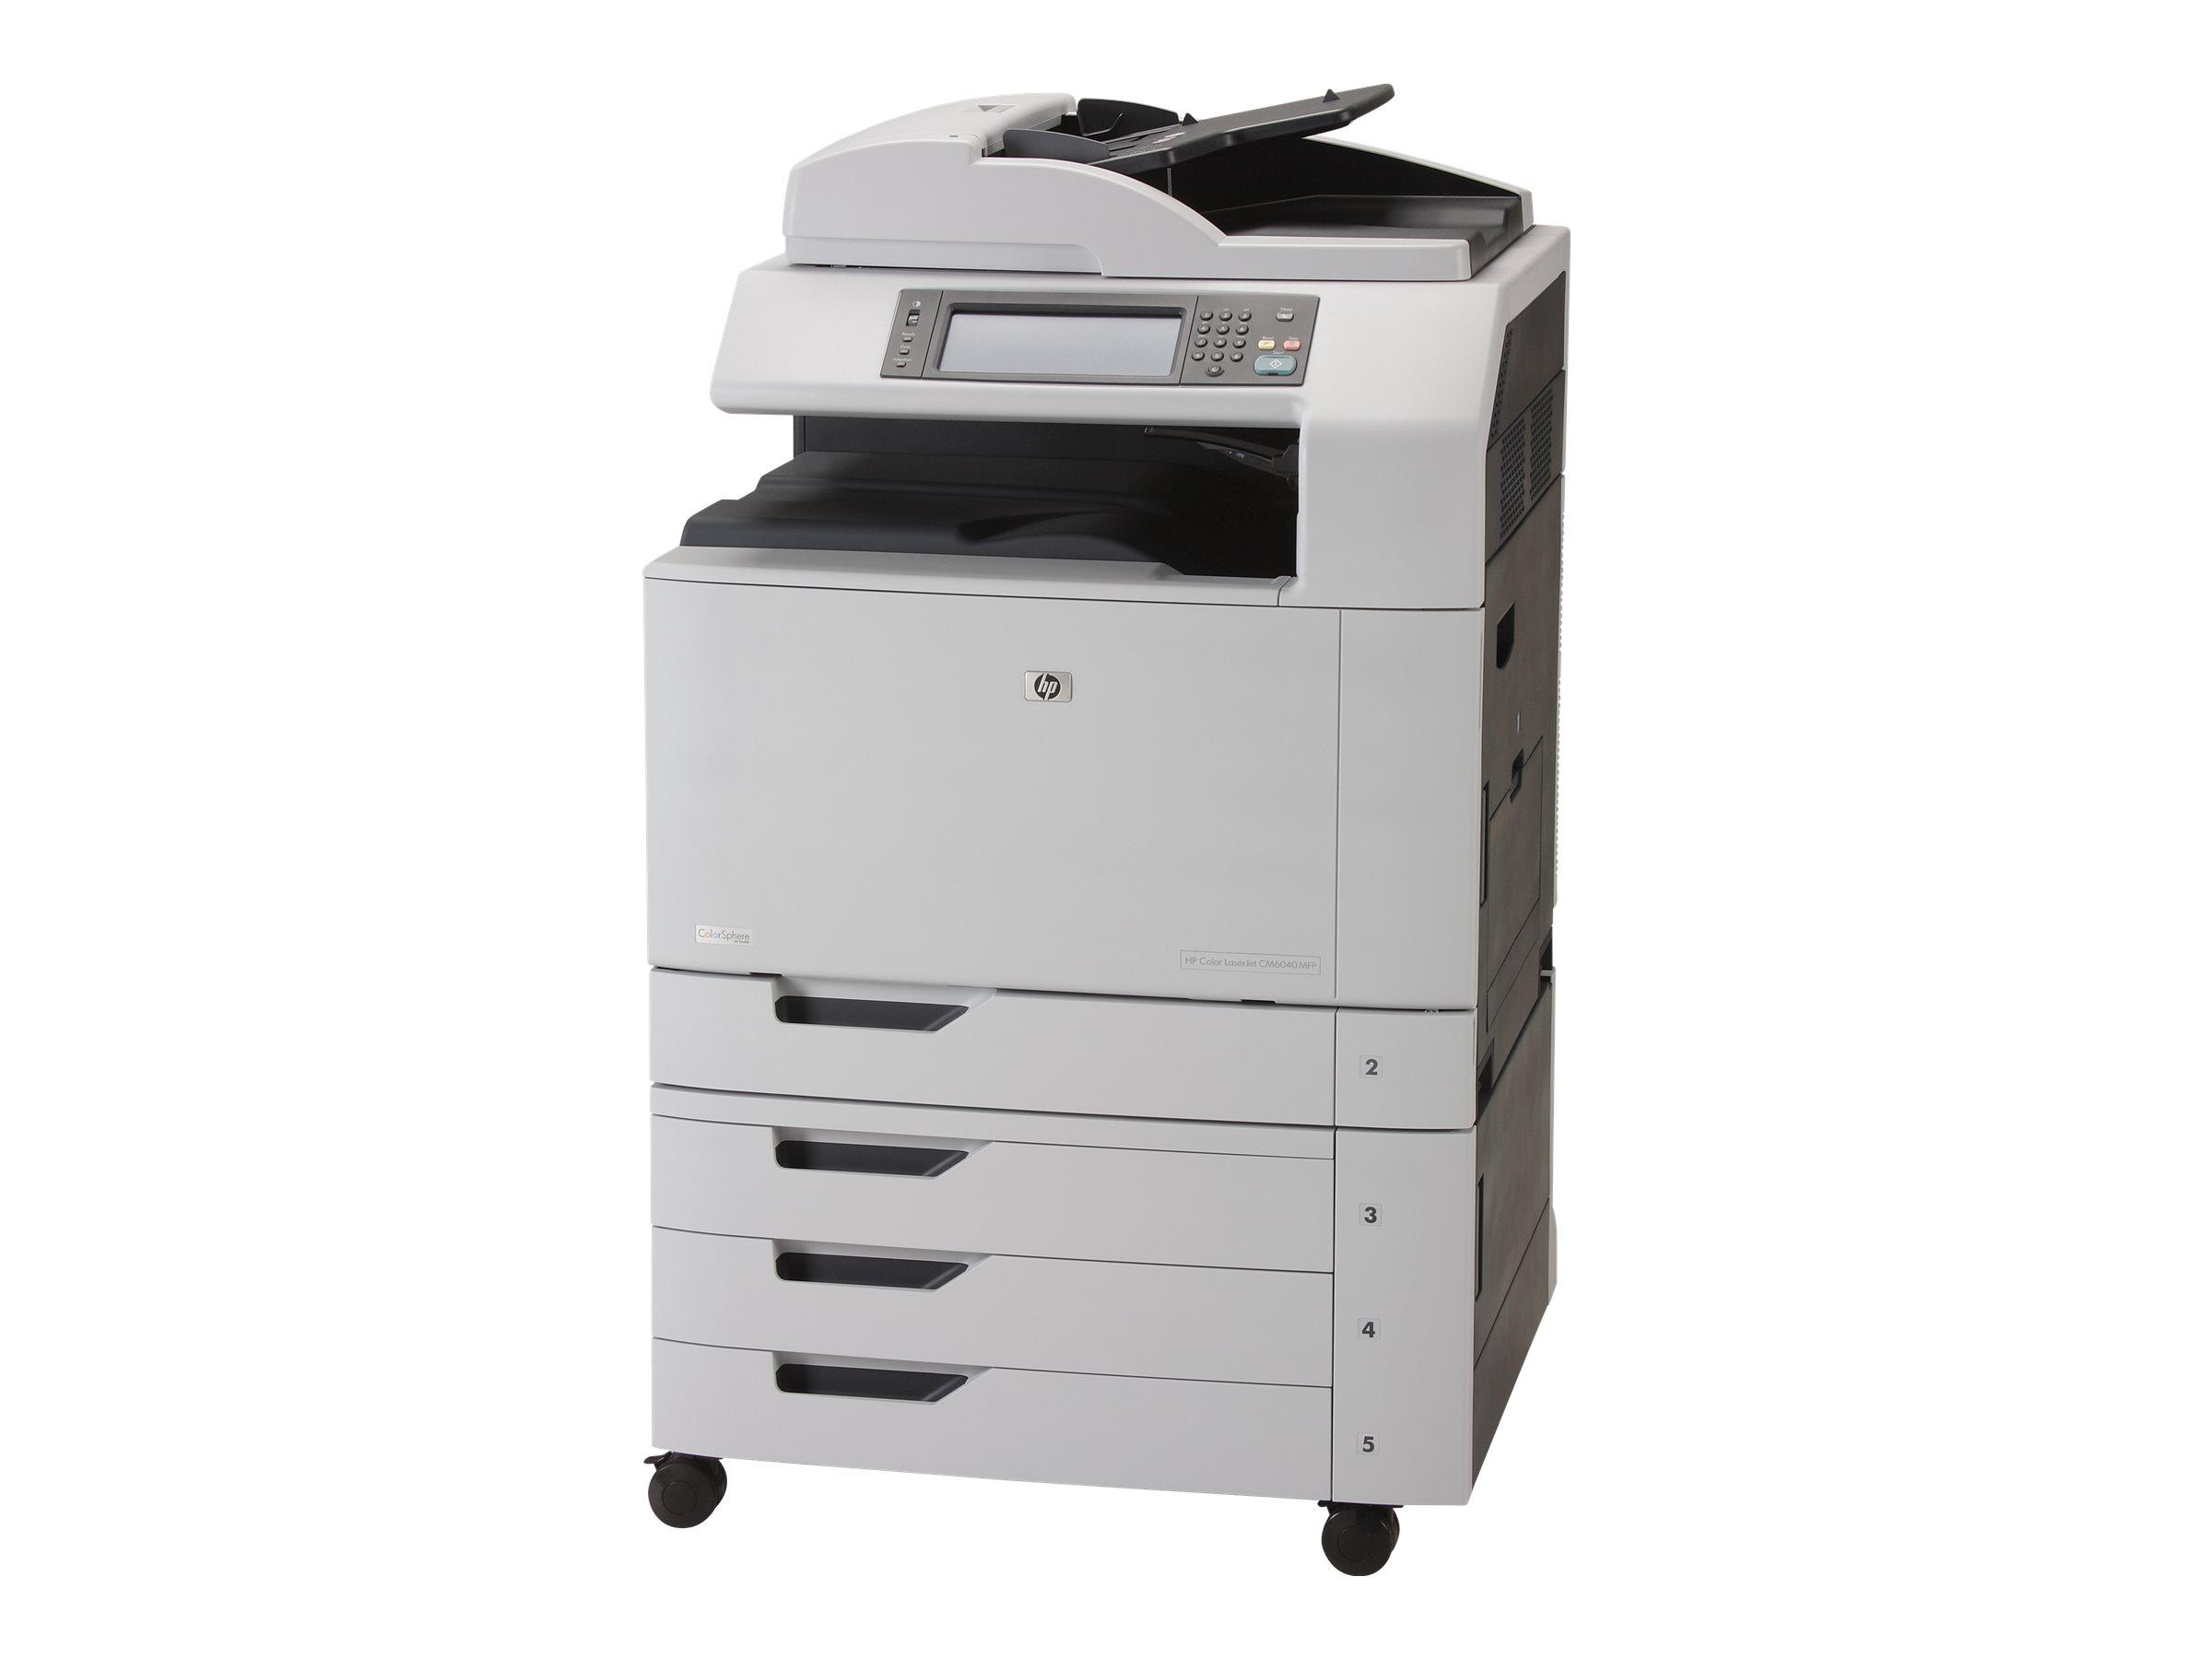 HP Color LaserJet CM6040f MFP - Multifunktionsdrucker - Farbe - Laser - A3/Ledger (297 x 432 mm) (Original) - A3/Ledger (Medien)